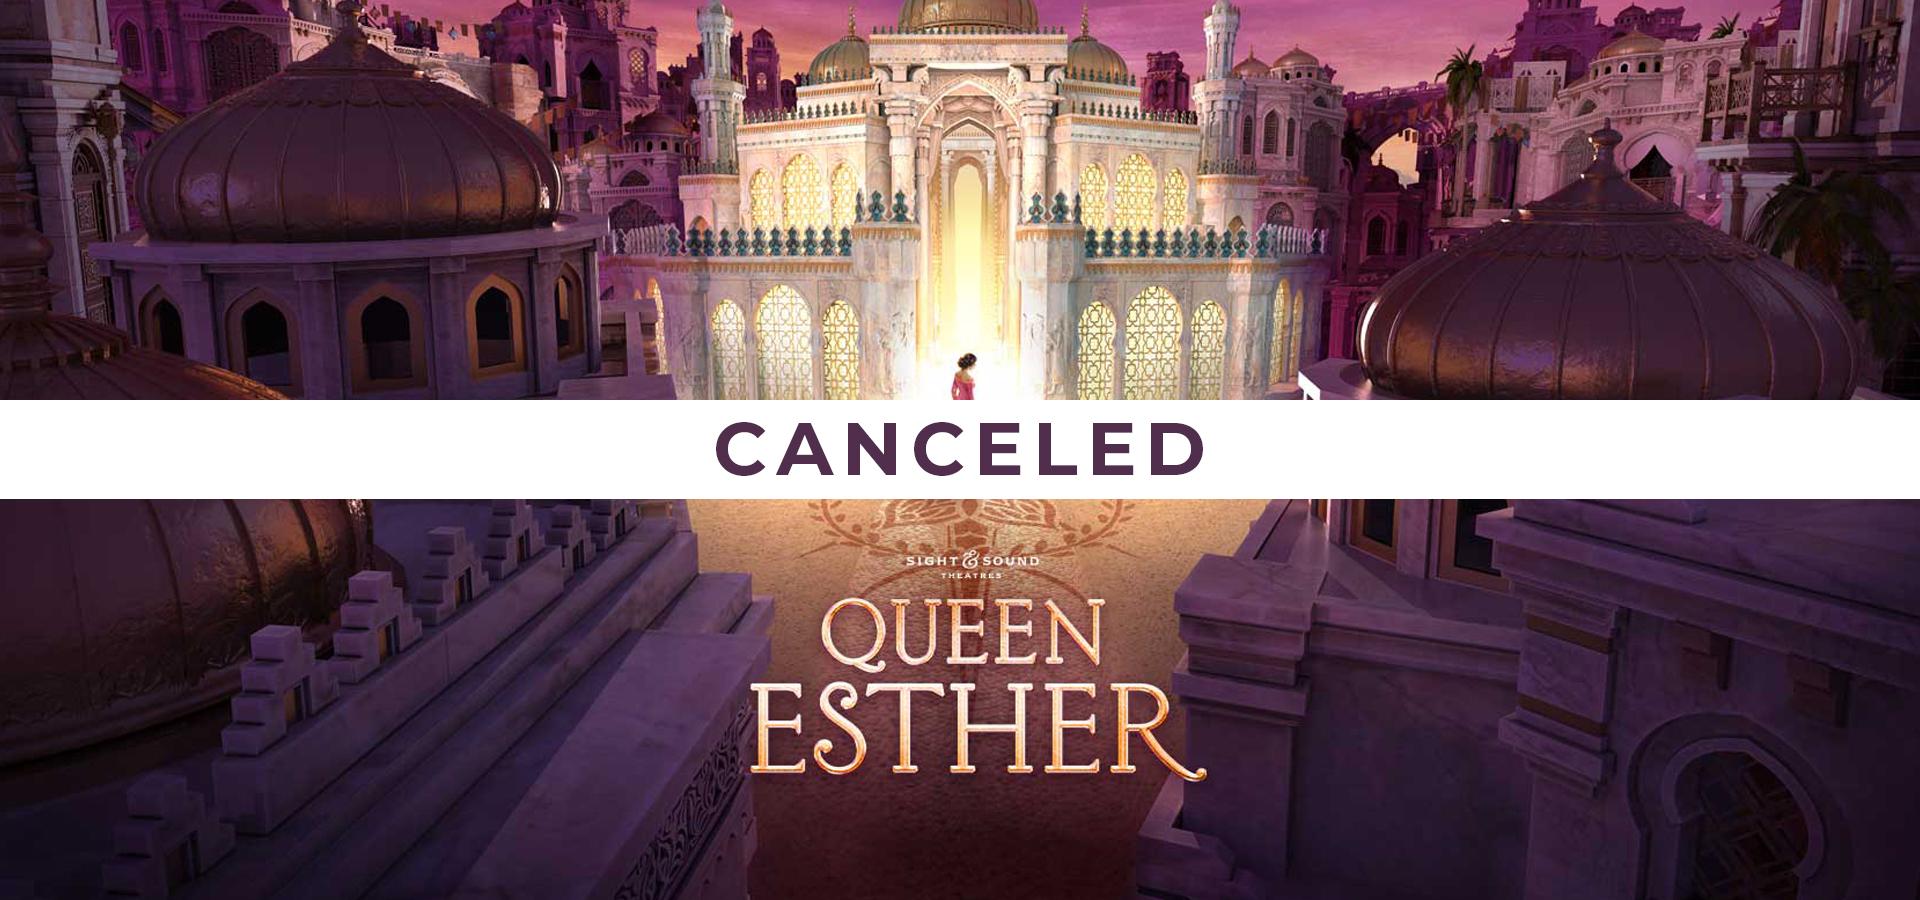 EstherCanceled